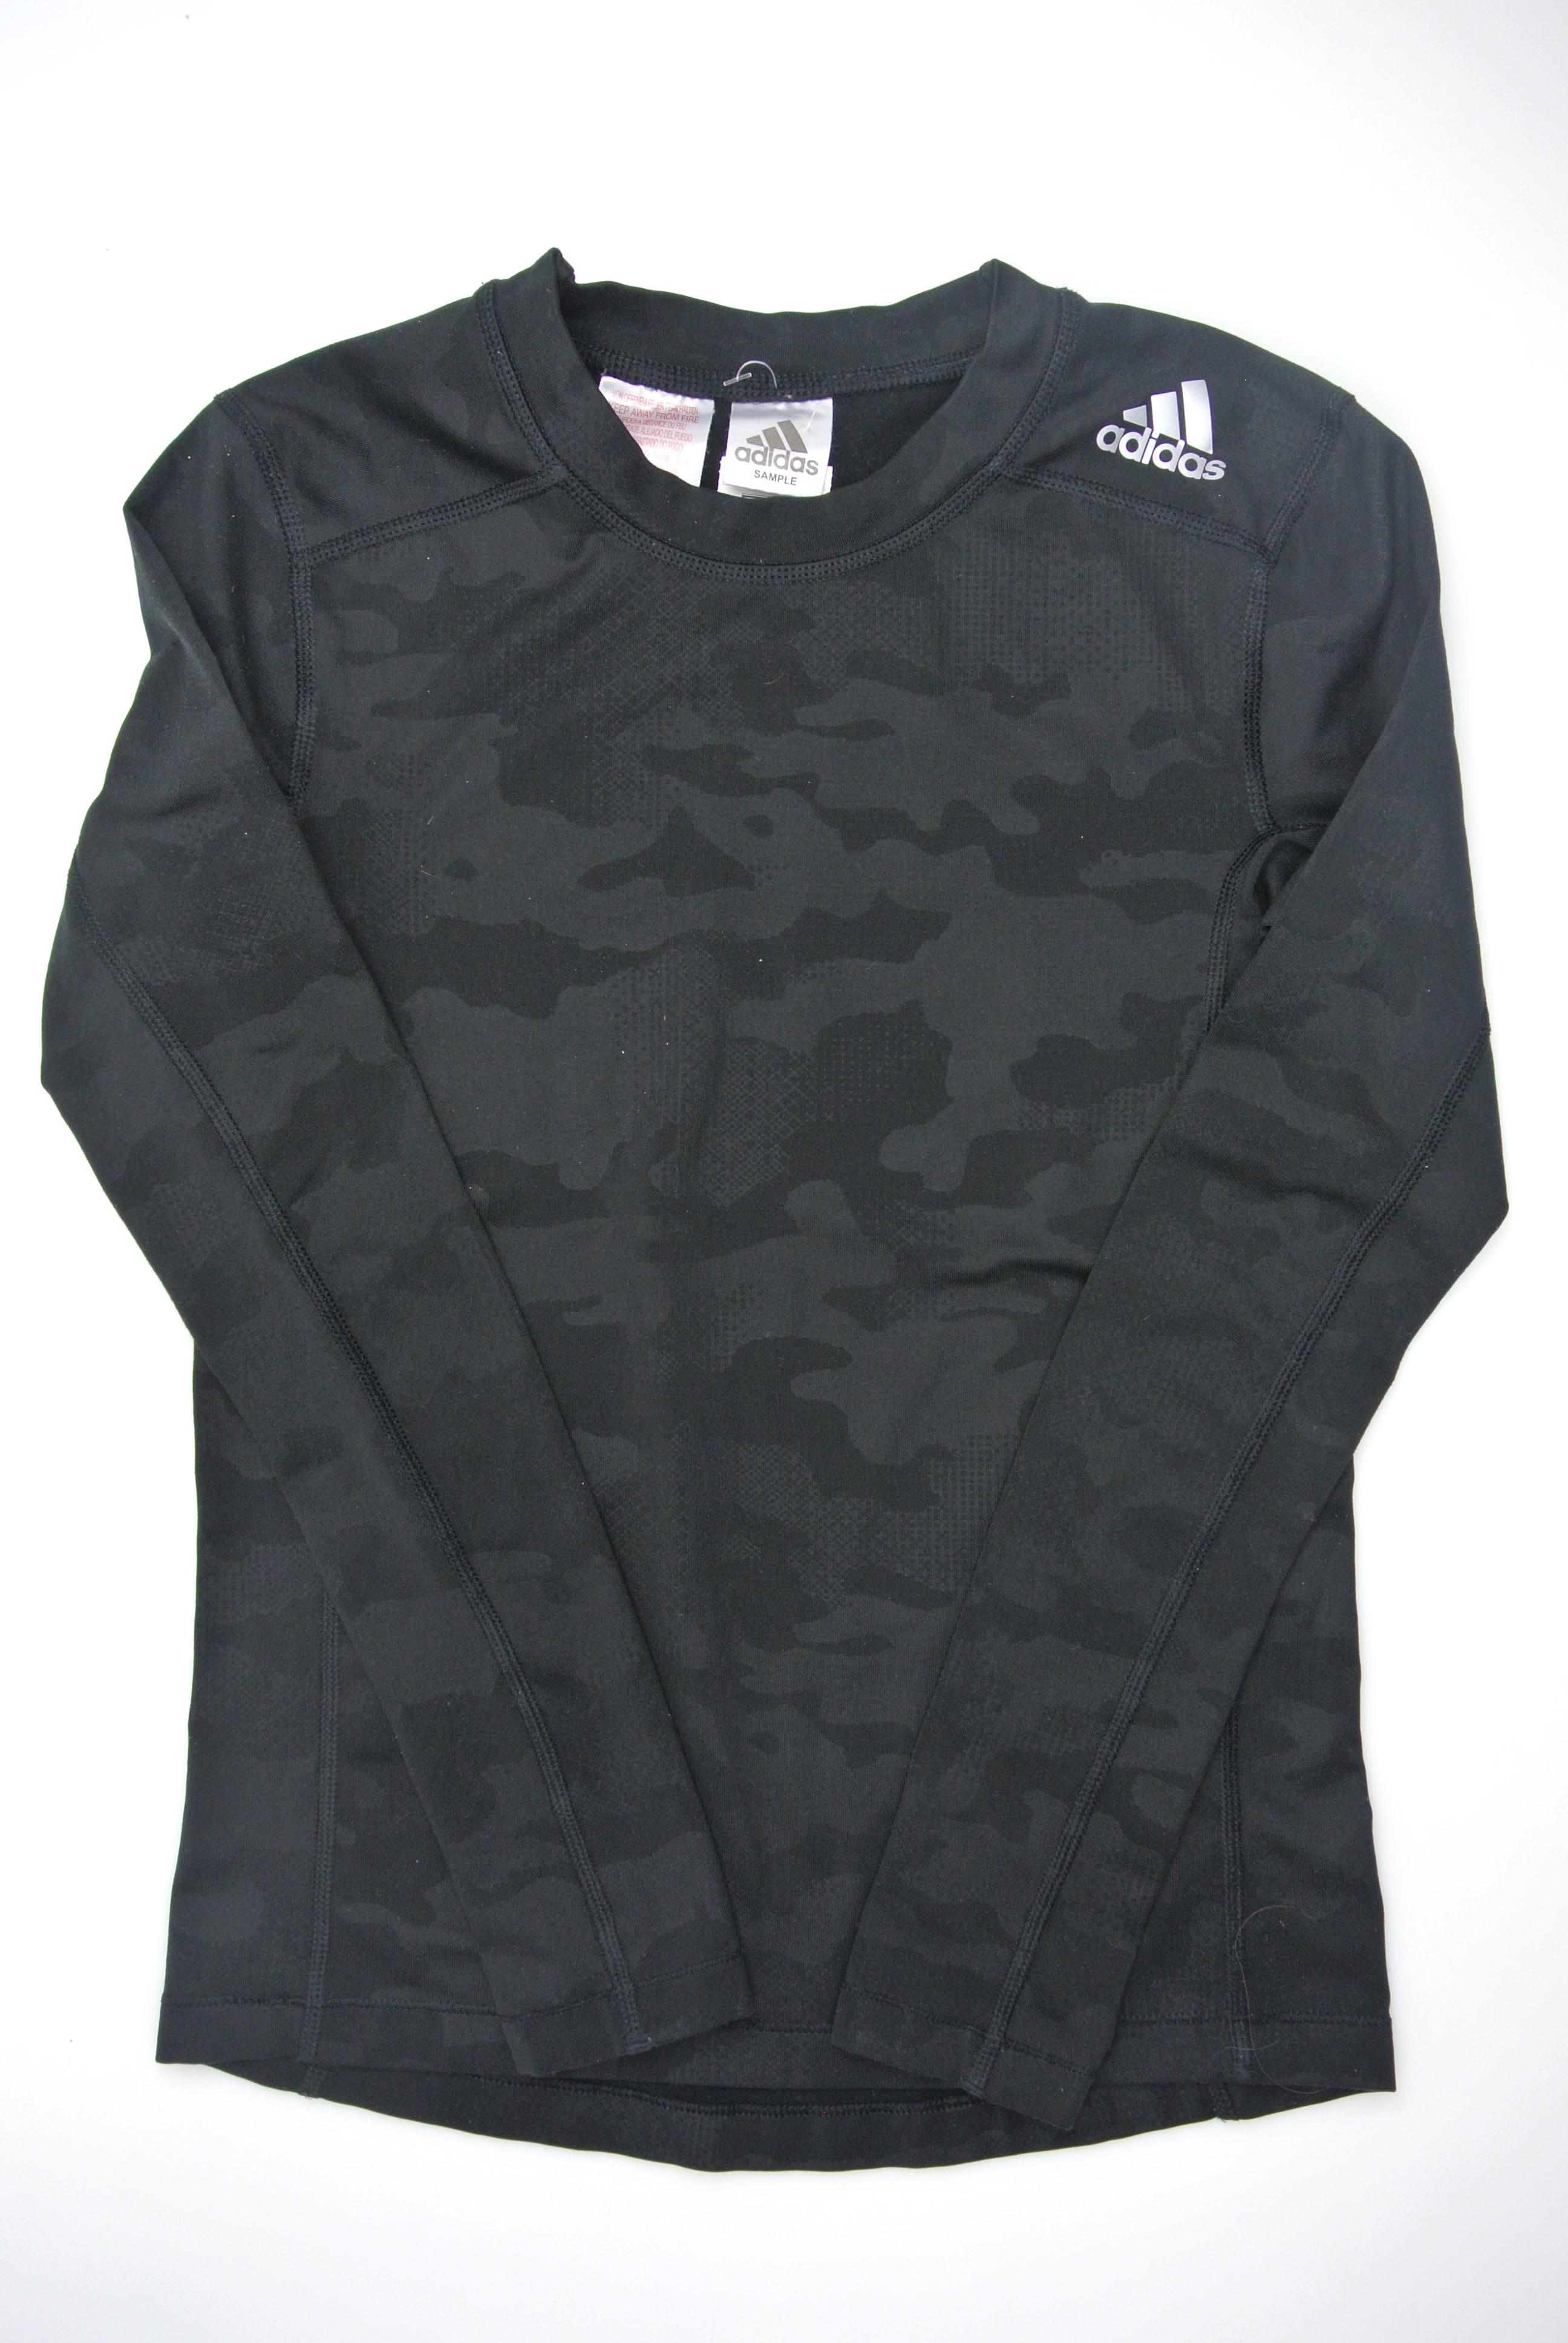 Adidas bluse str M